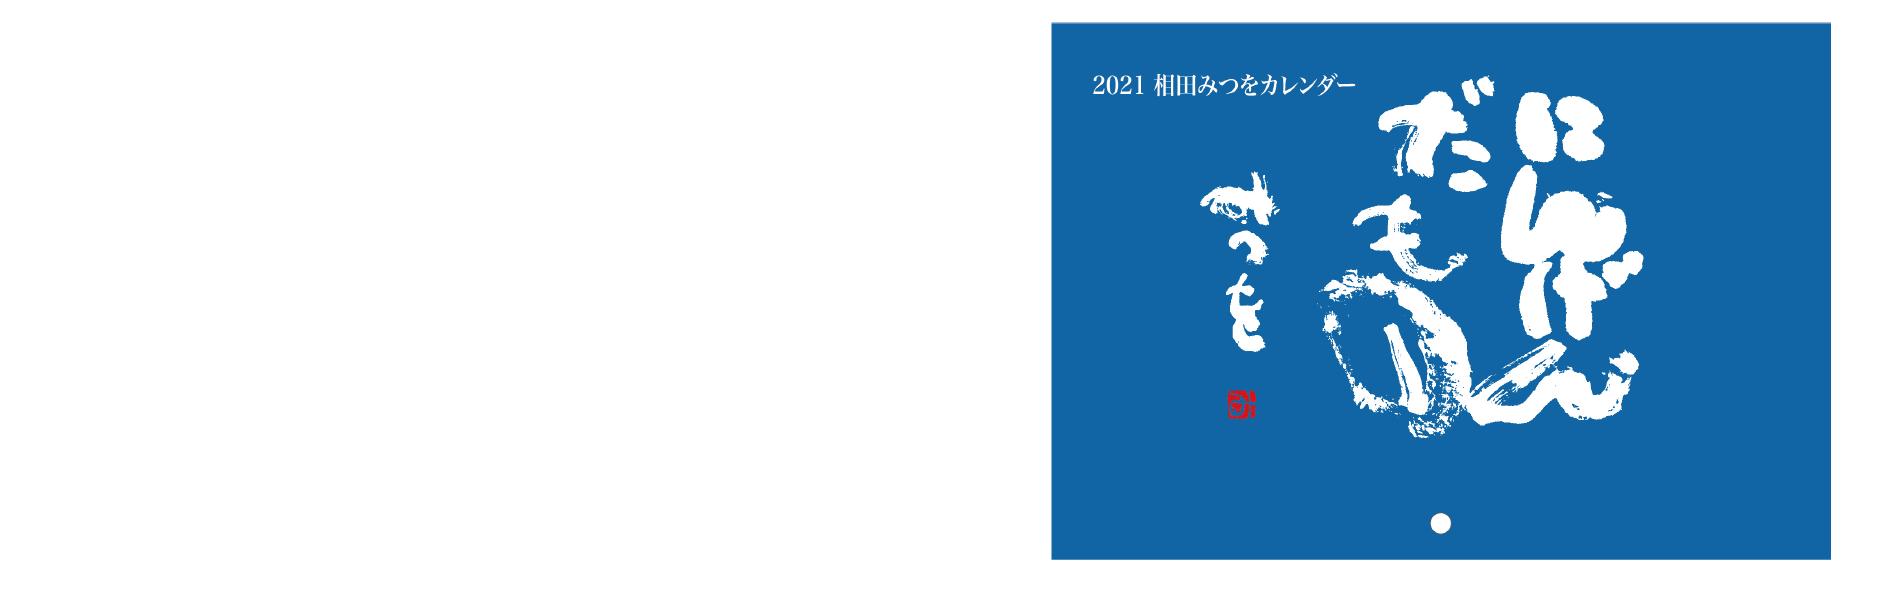 相田みつを2021年版ミニカレンダー表紙画像